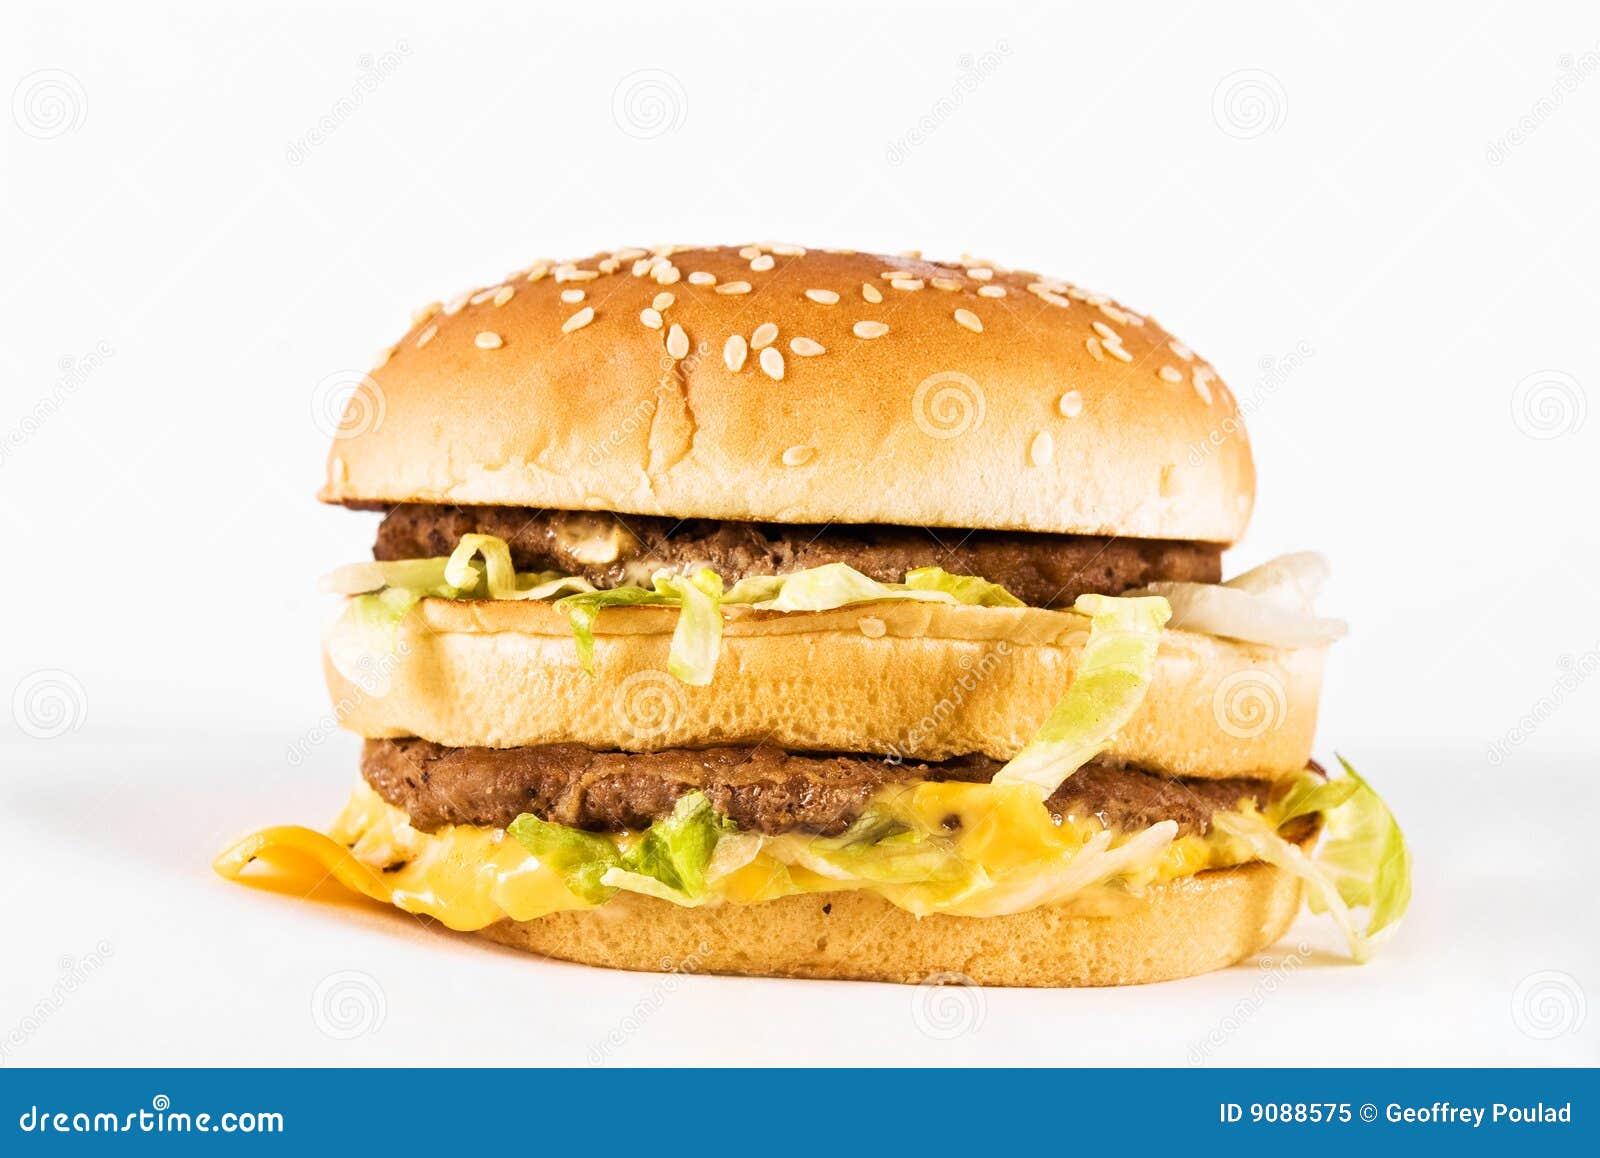 Doppelter Cheeseburger